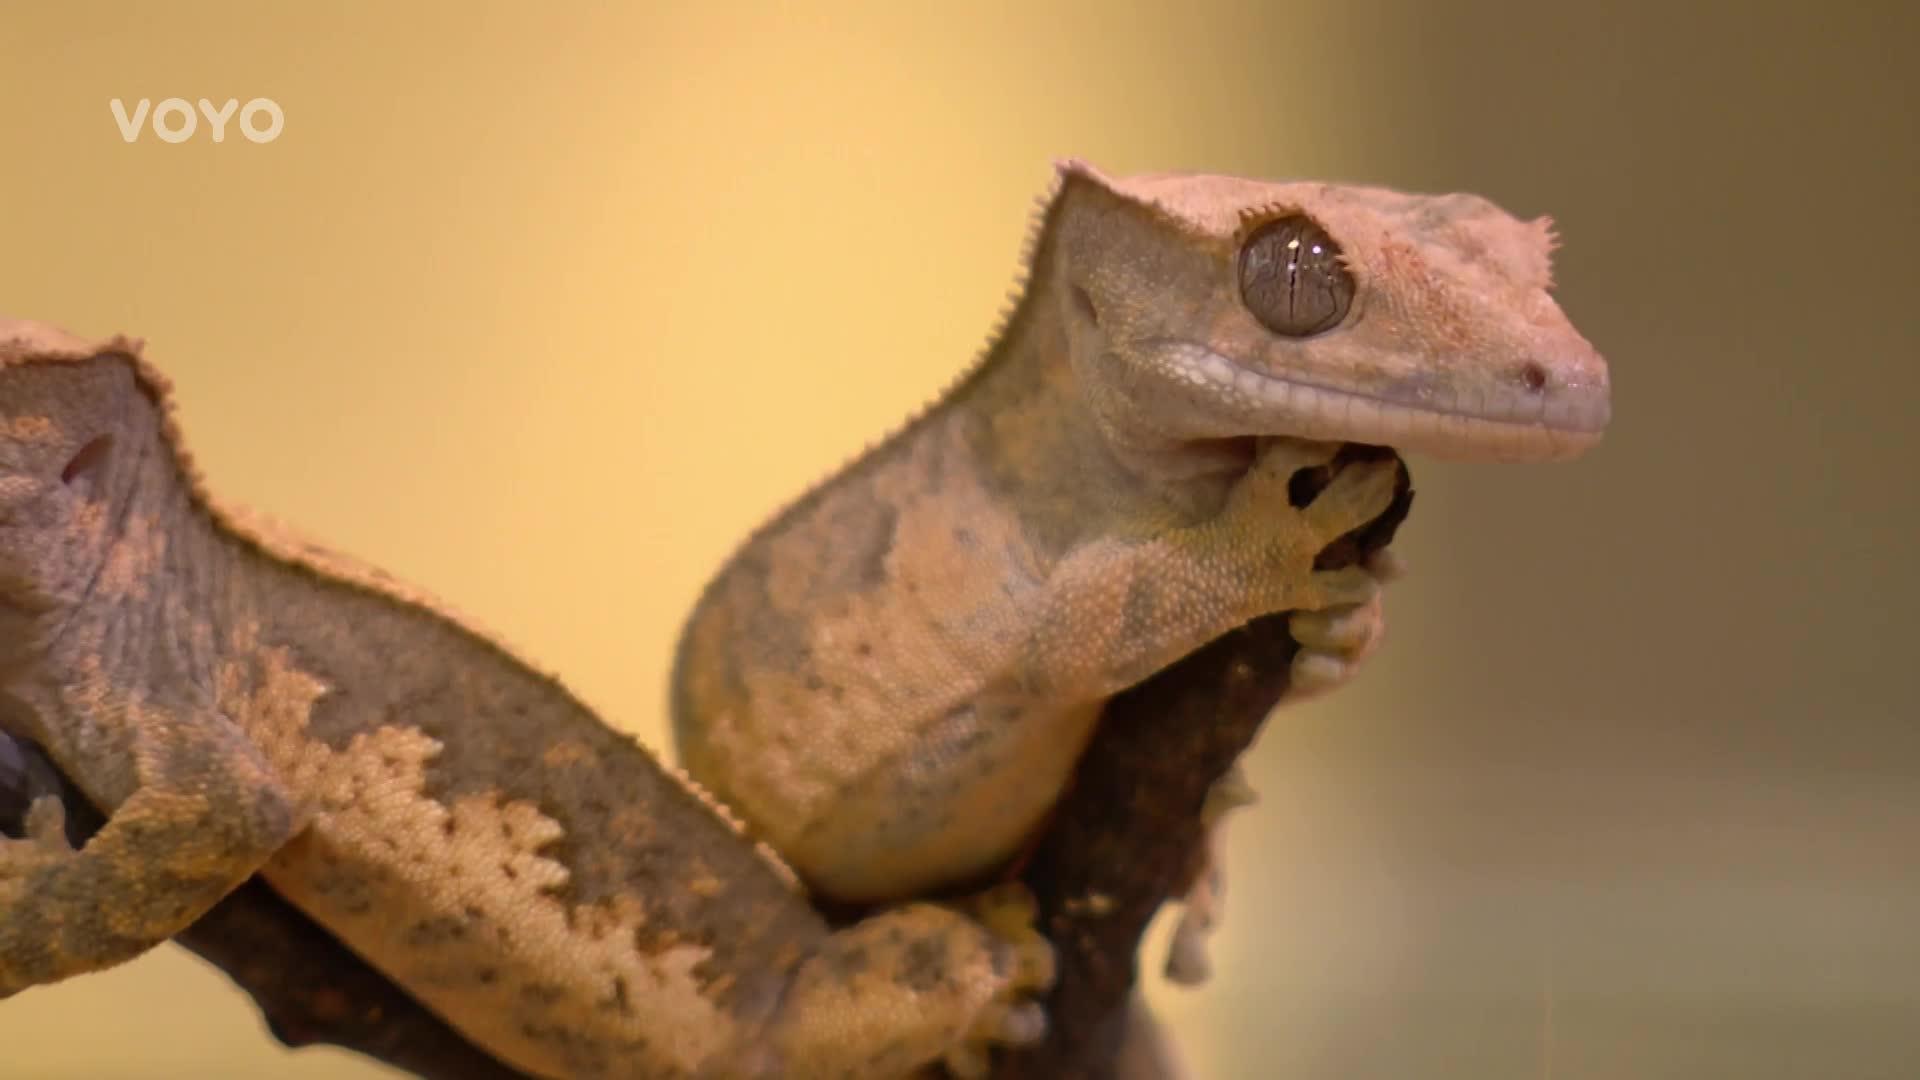 Chcete si domů pořídit gekona? Poradíme vám, jaké vyžaduje prostředí a krmivo